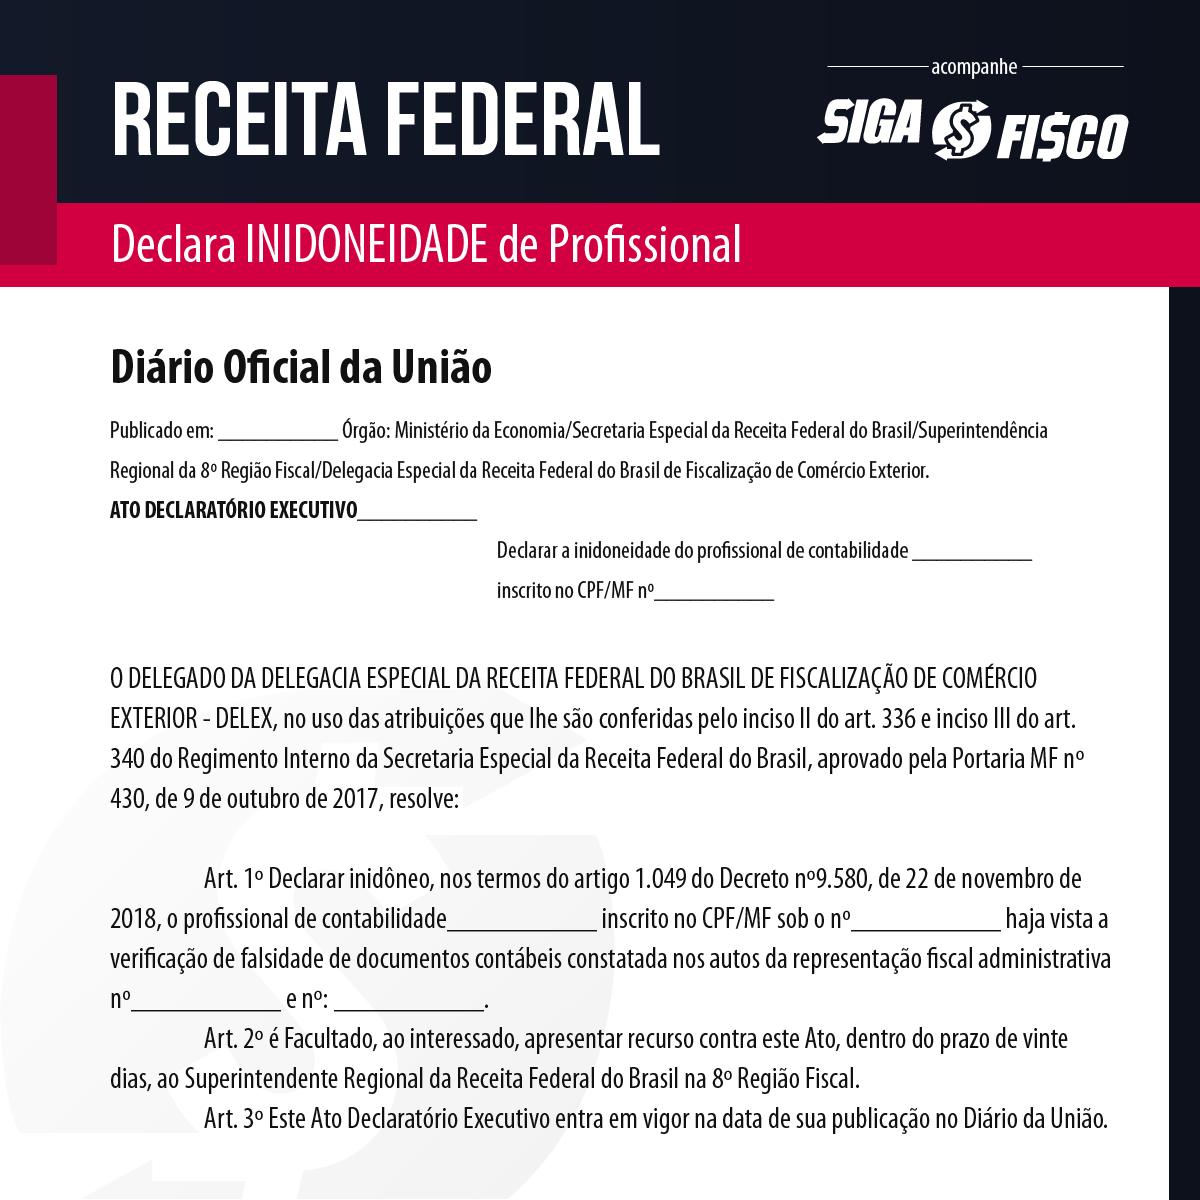 Profissional contábil é declarado inidôneo pela Receita Federal 2